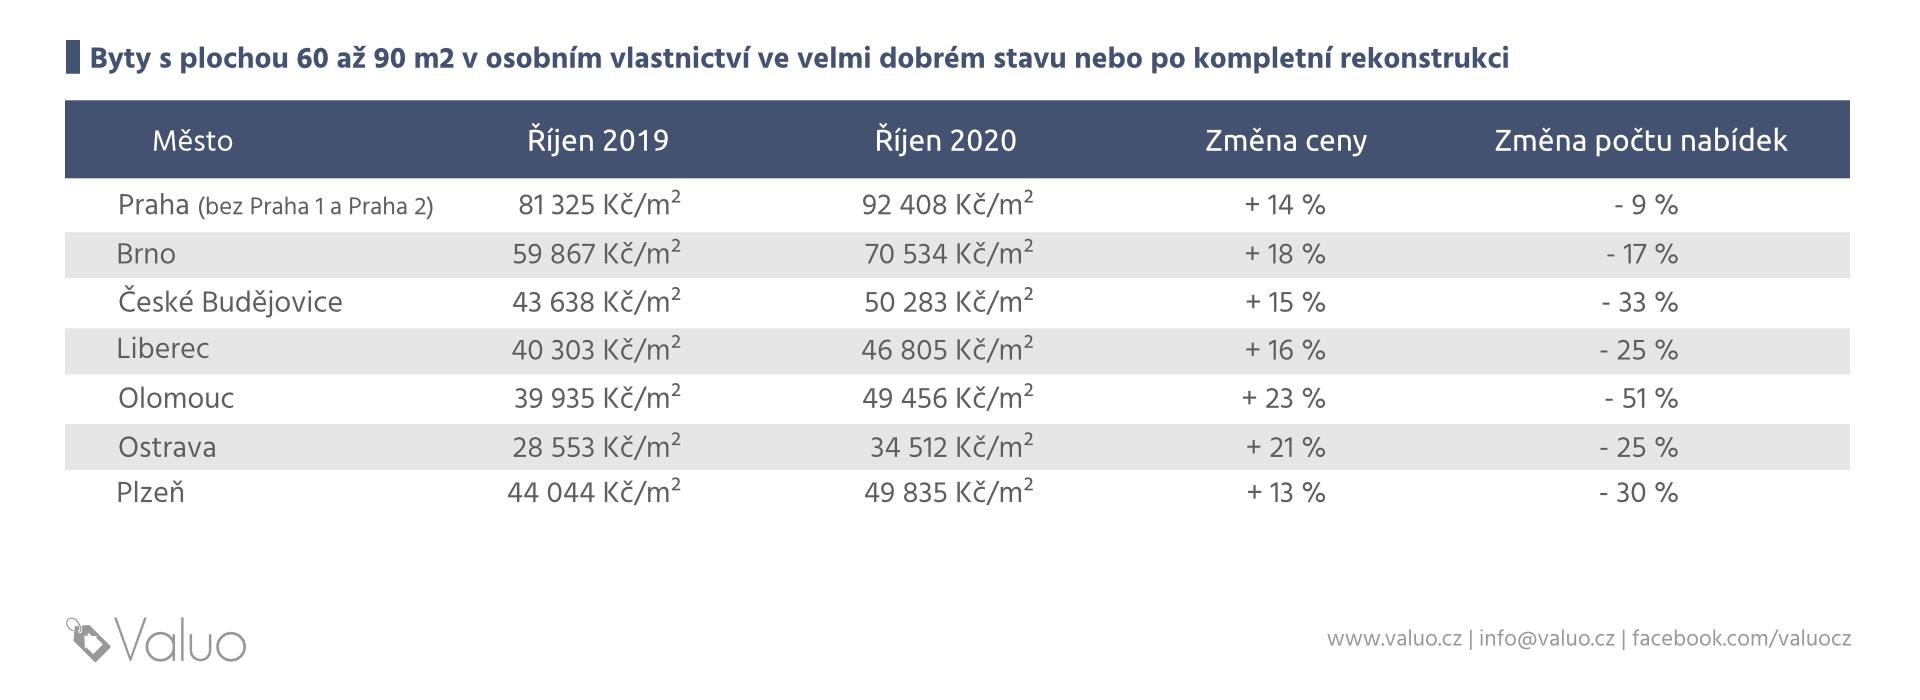 Ceny bytů v 7 největších městech Česka